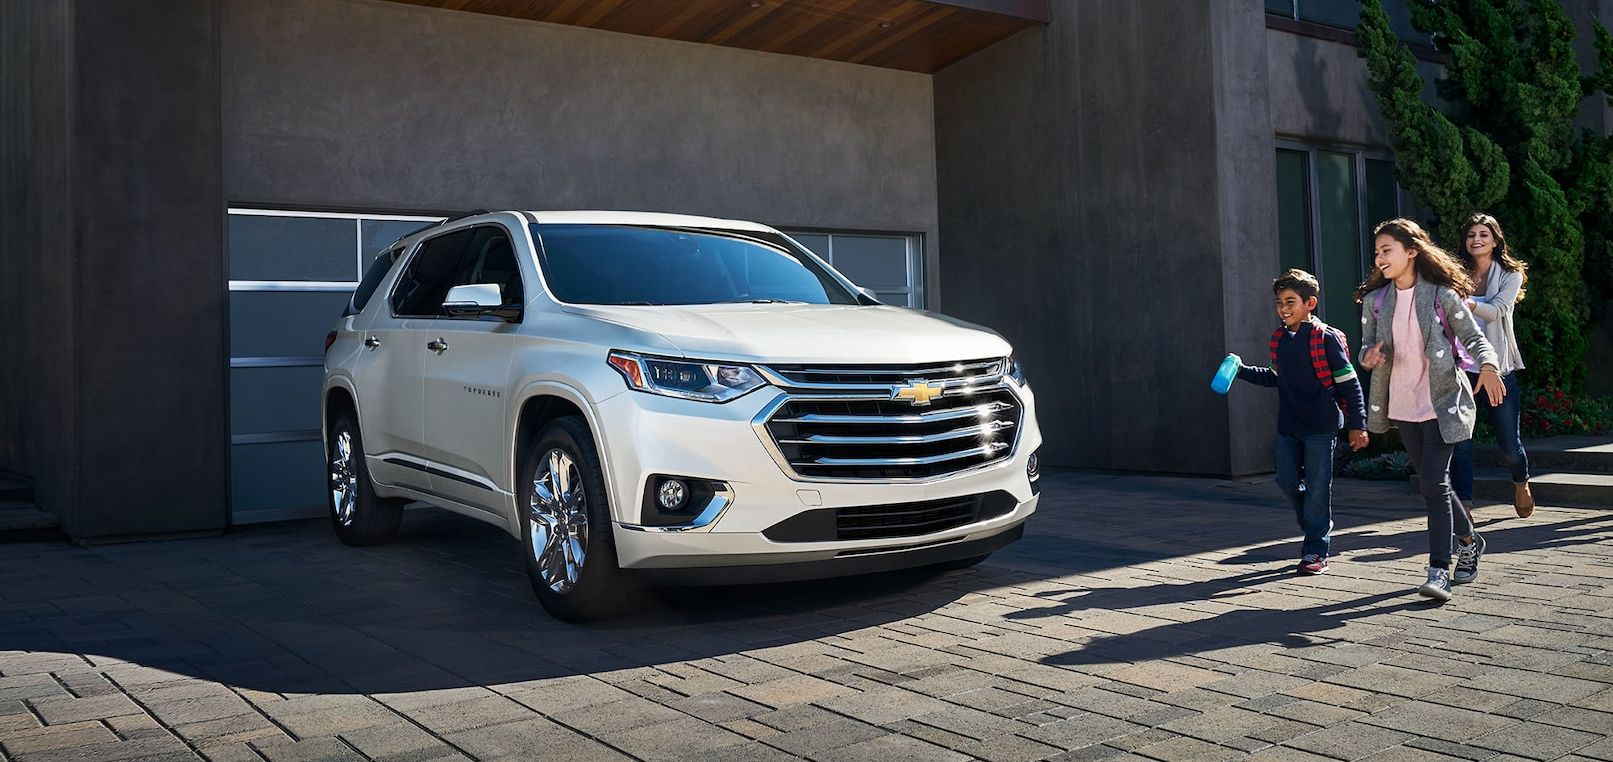 2019 Chevrolet Traverse Leasing near Lansing, MI